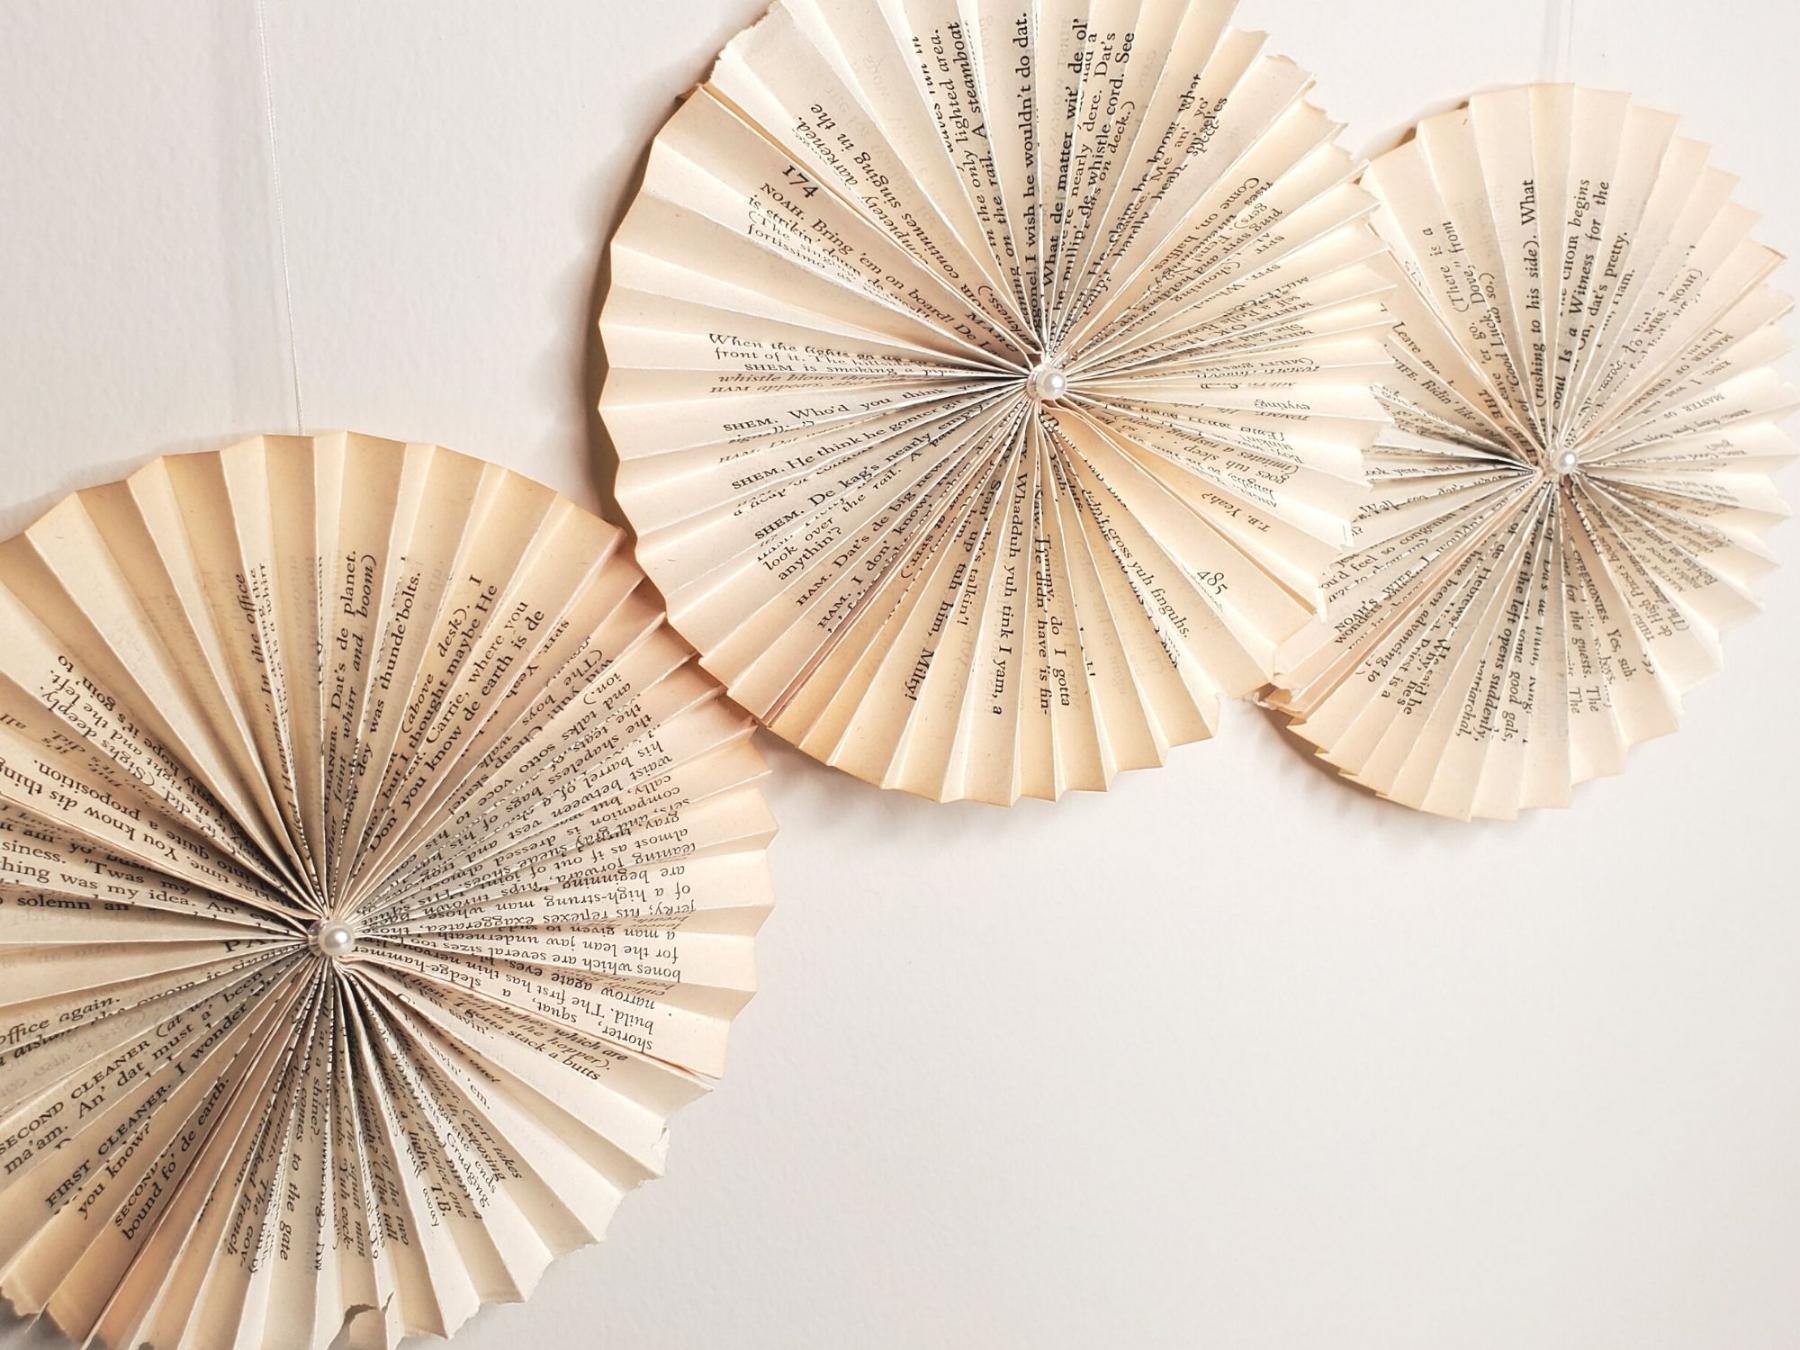 Book Pinwheels - Small